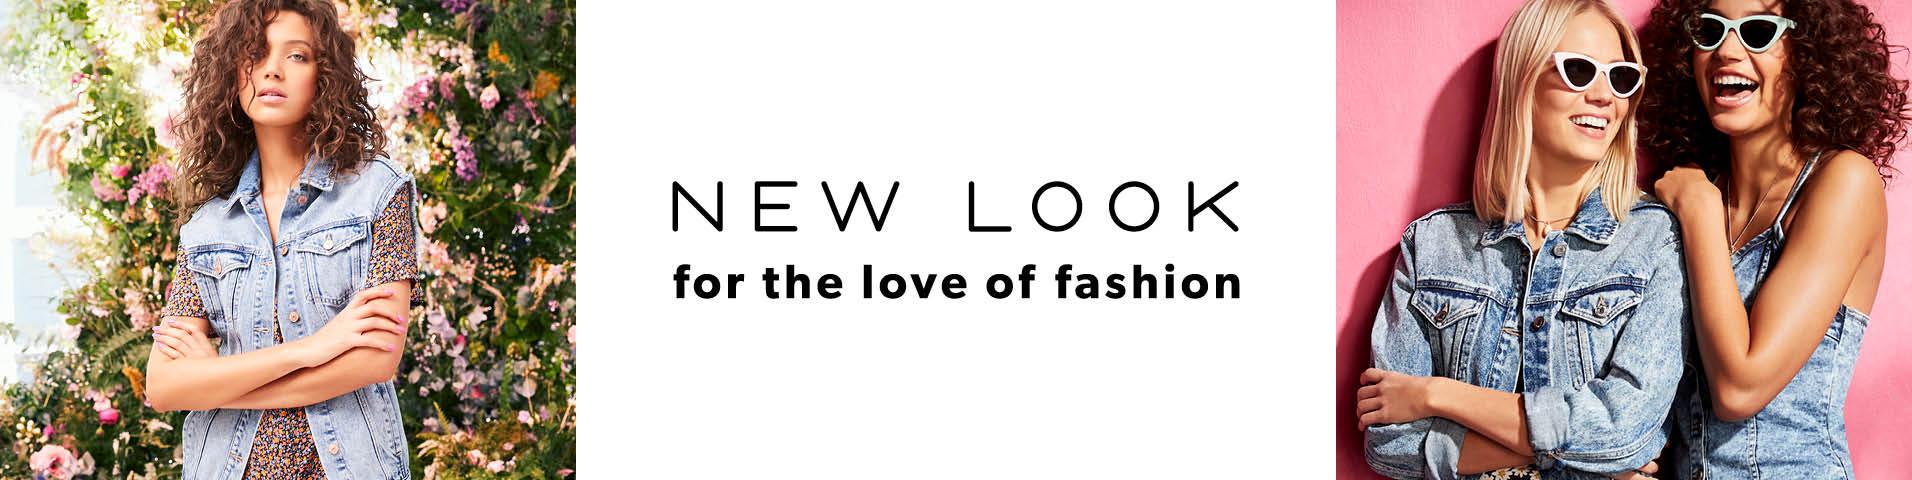 9cd58af434204 Różnorodne, stylowe torby damskie New Look w Zalando - jest w czym ...